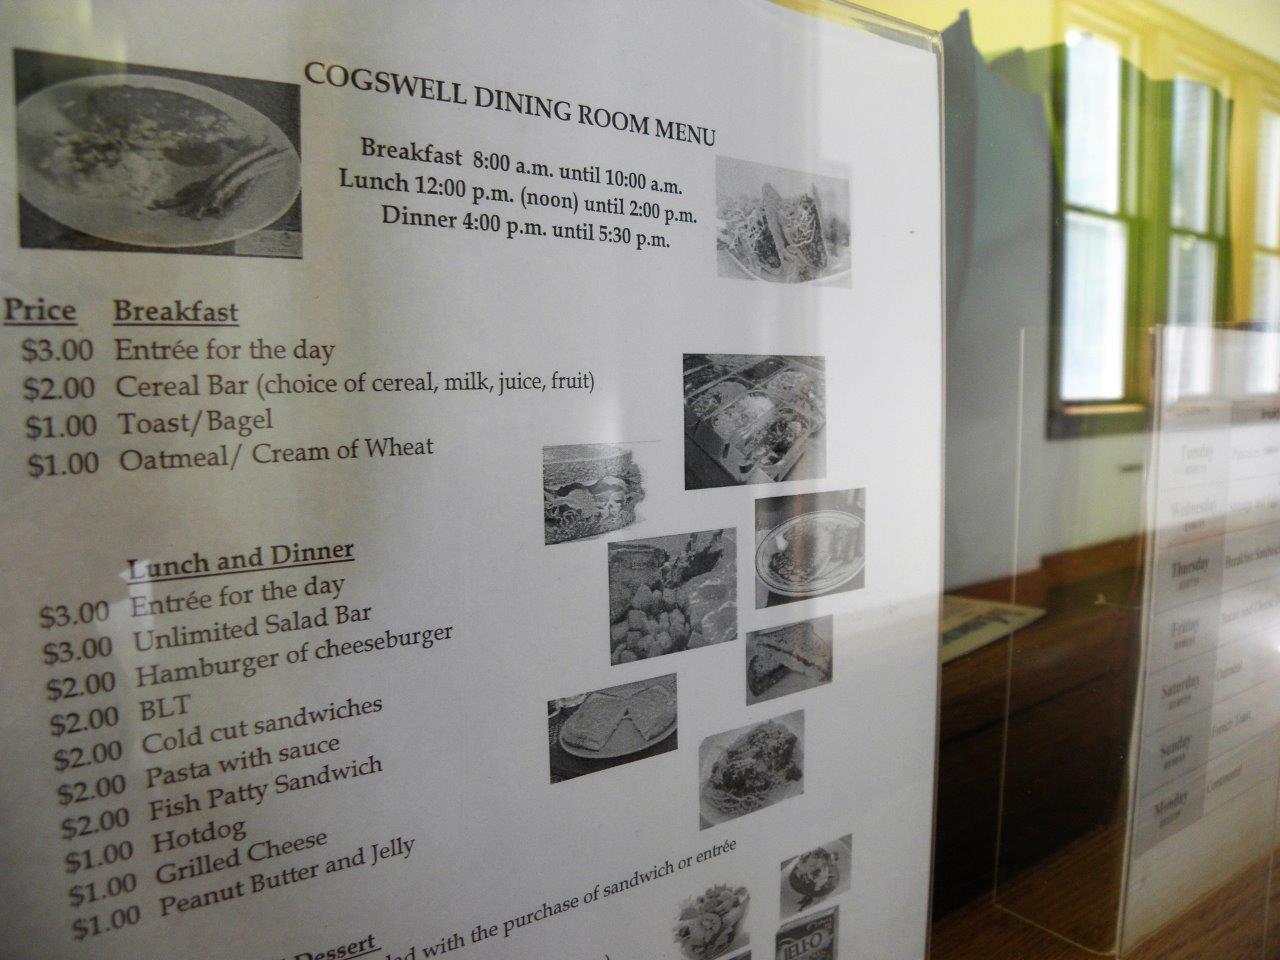 Dining room menu, 3/7/19